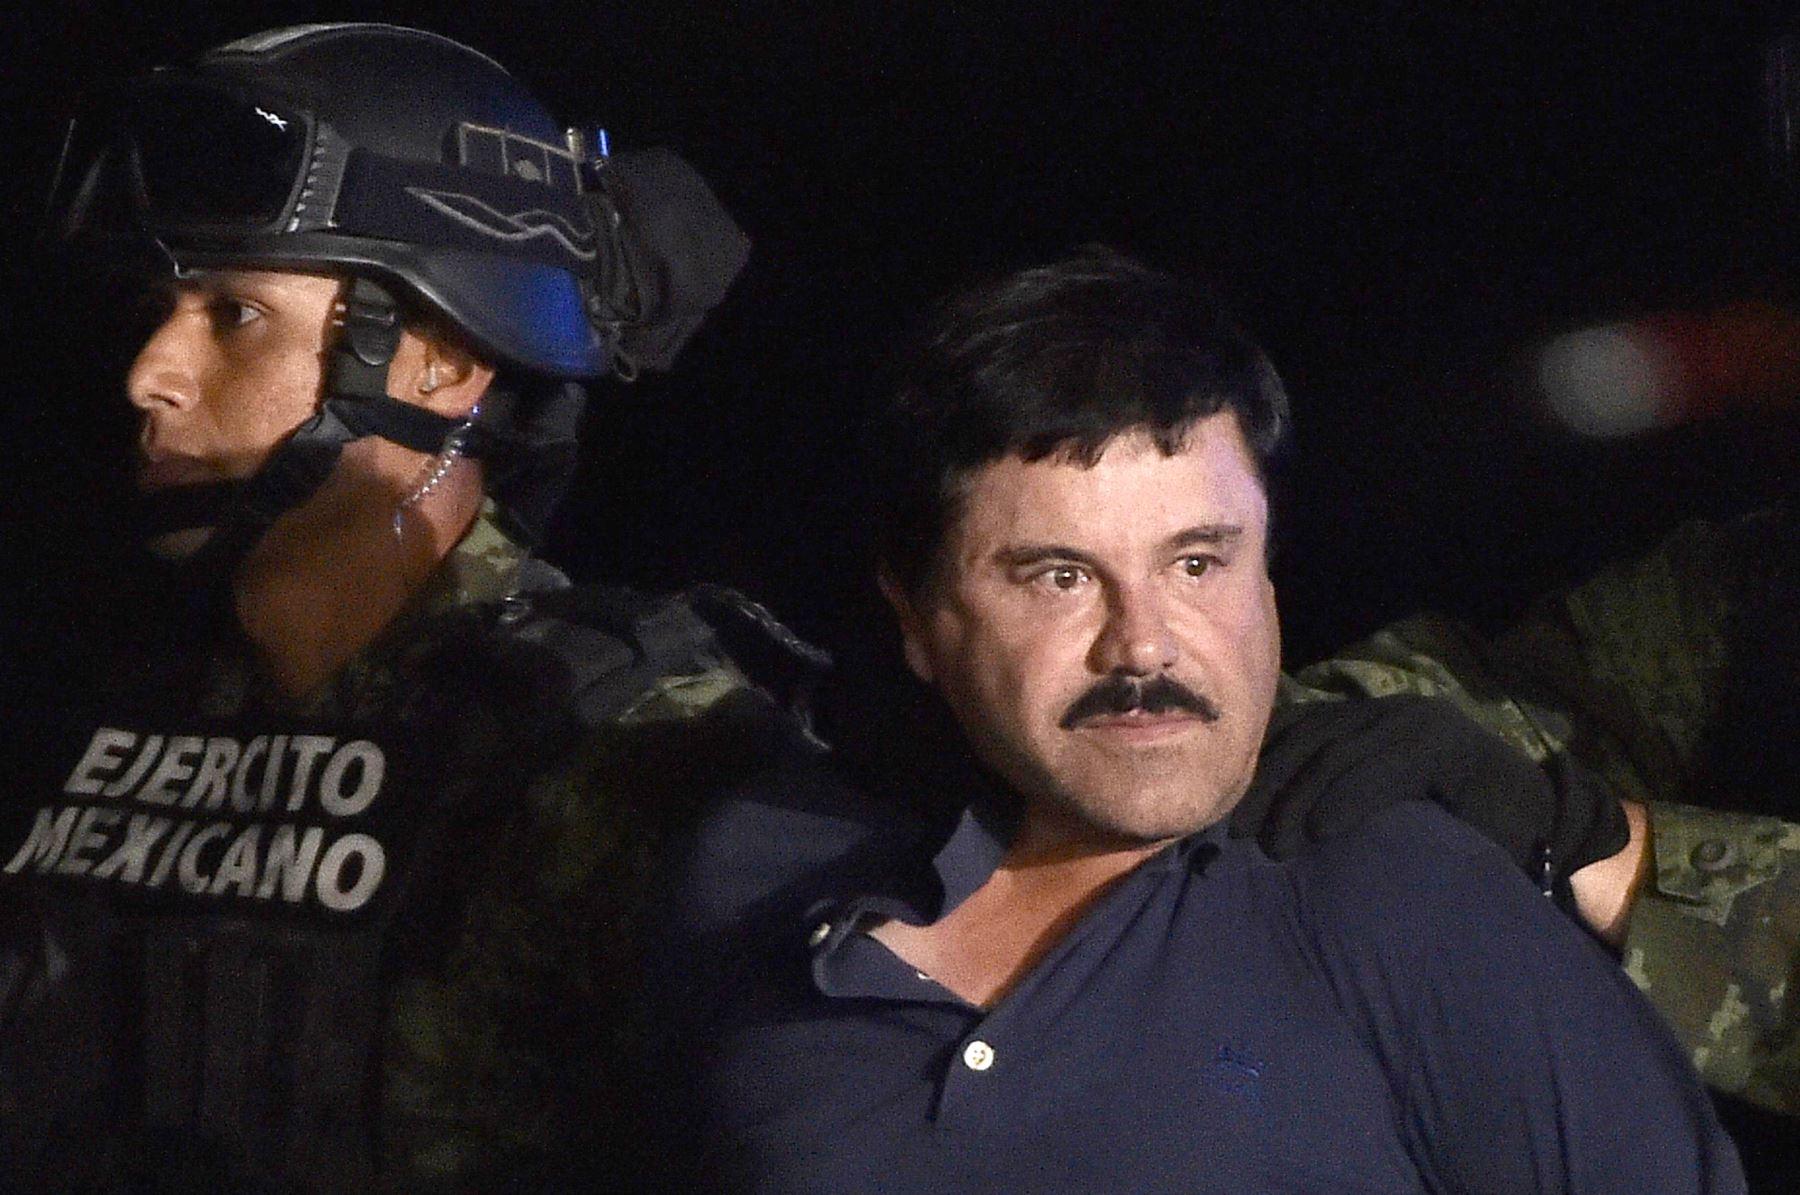 """Pero """"otro aspecto importante que permitió precisar su ubicación, fue el haber descubierto la intención de Guzmán Loera de filmar una película biográfica"""", dijo la fiscal en un mensaje. Foto: AFP"""